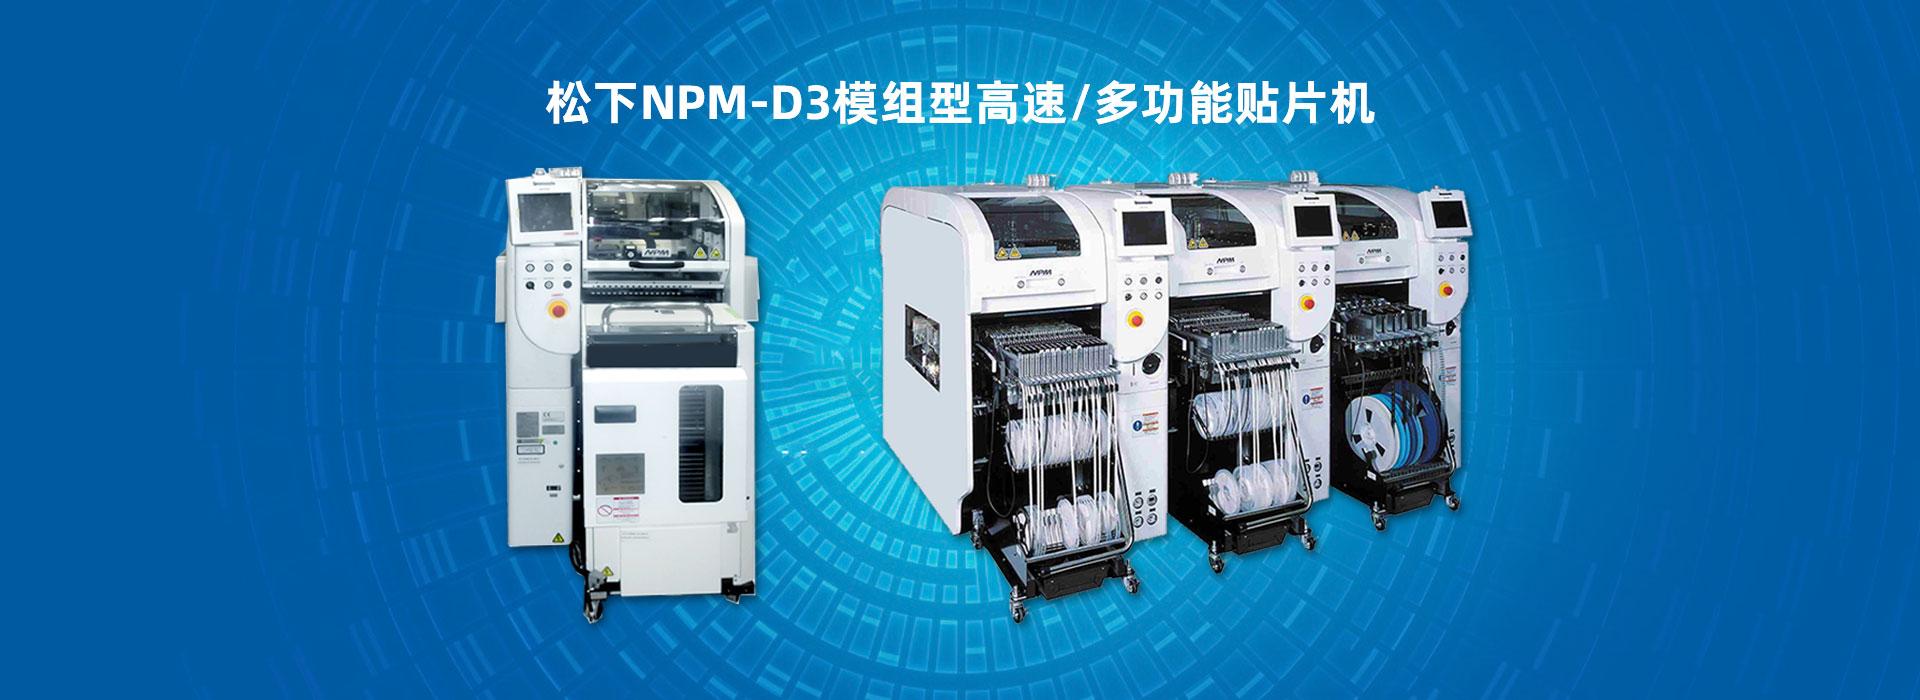 深圳市仁創電子設備有限公司 為客戶提供貼片機、波峰焊、上板機、下板機、整廠收購解決方案